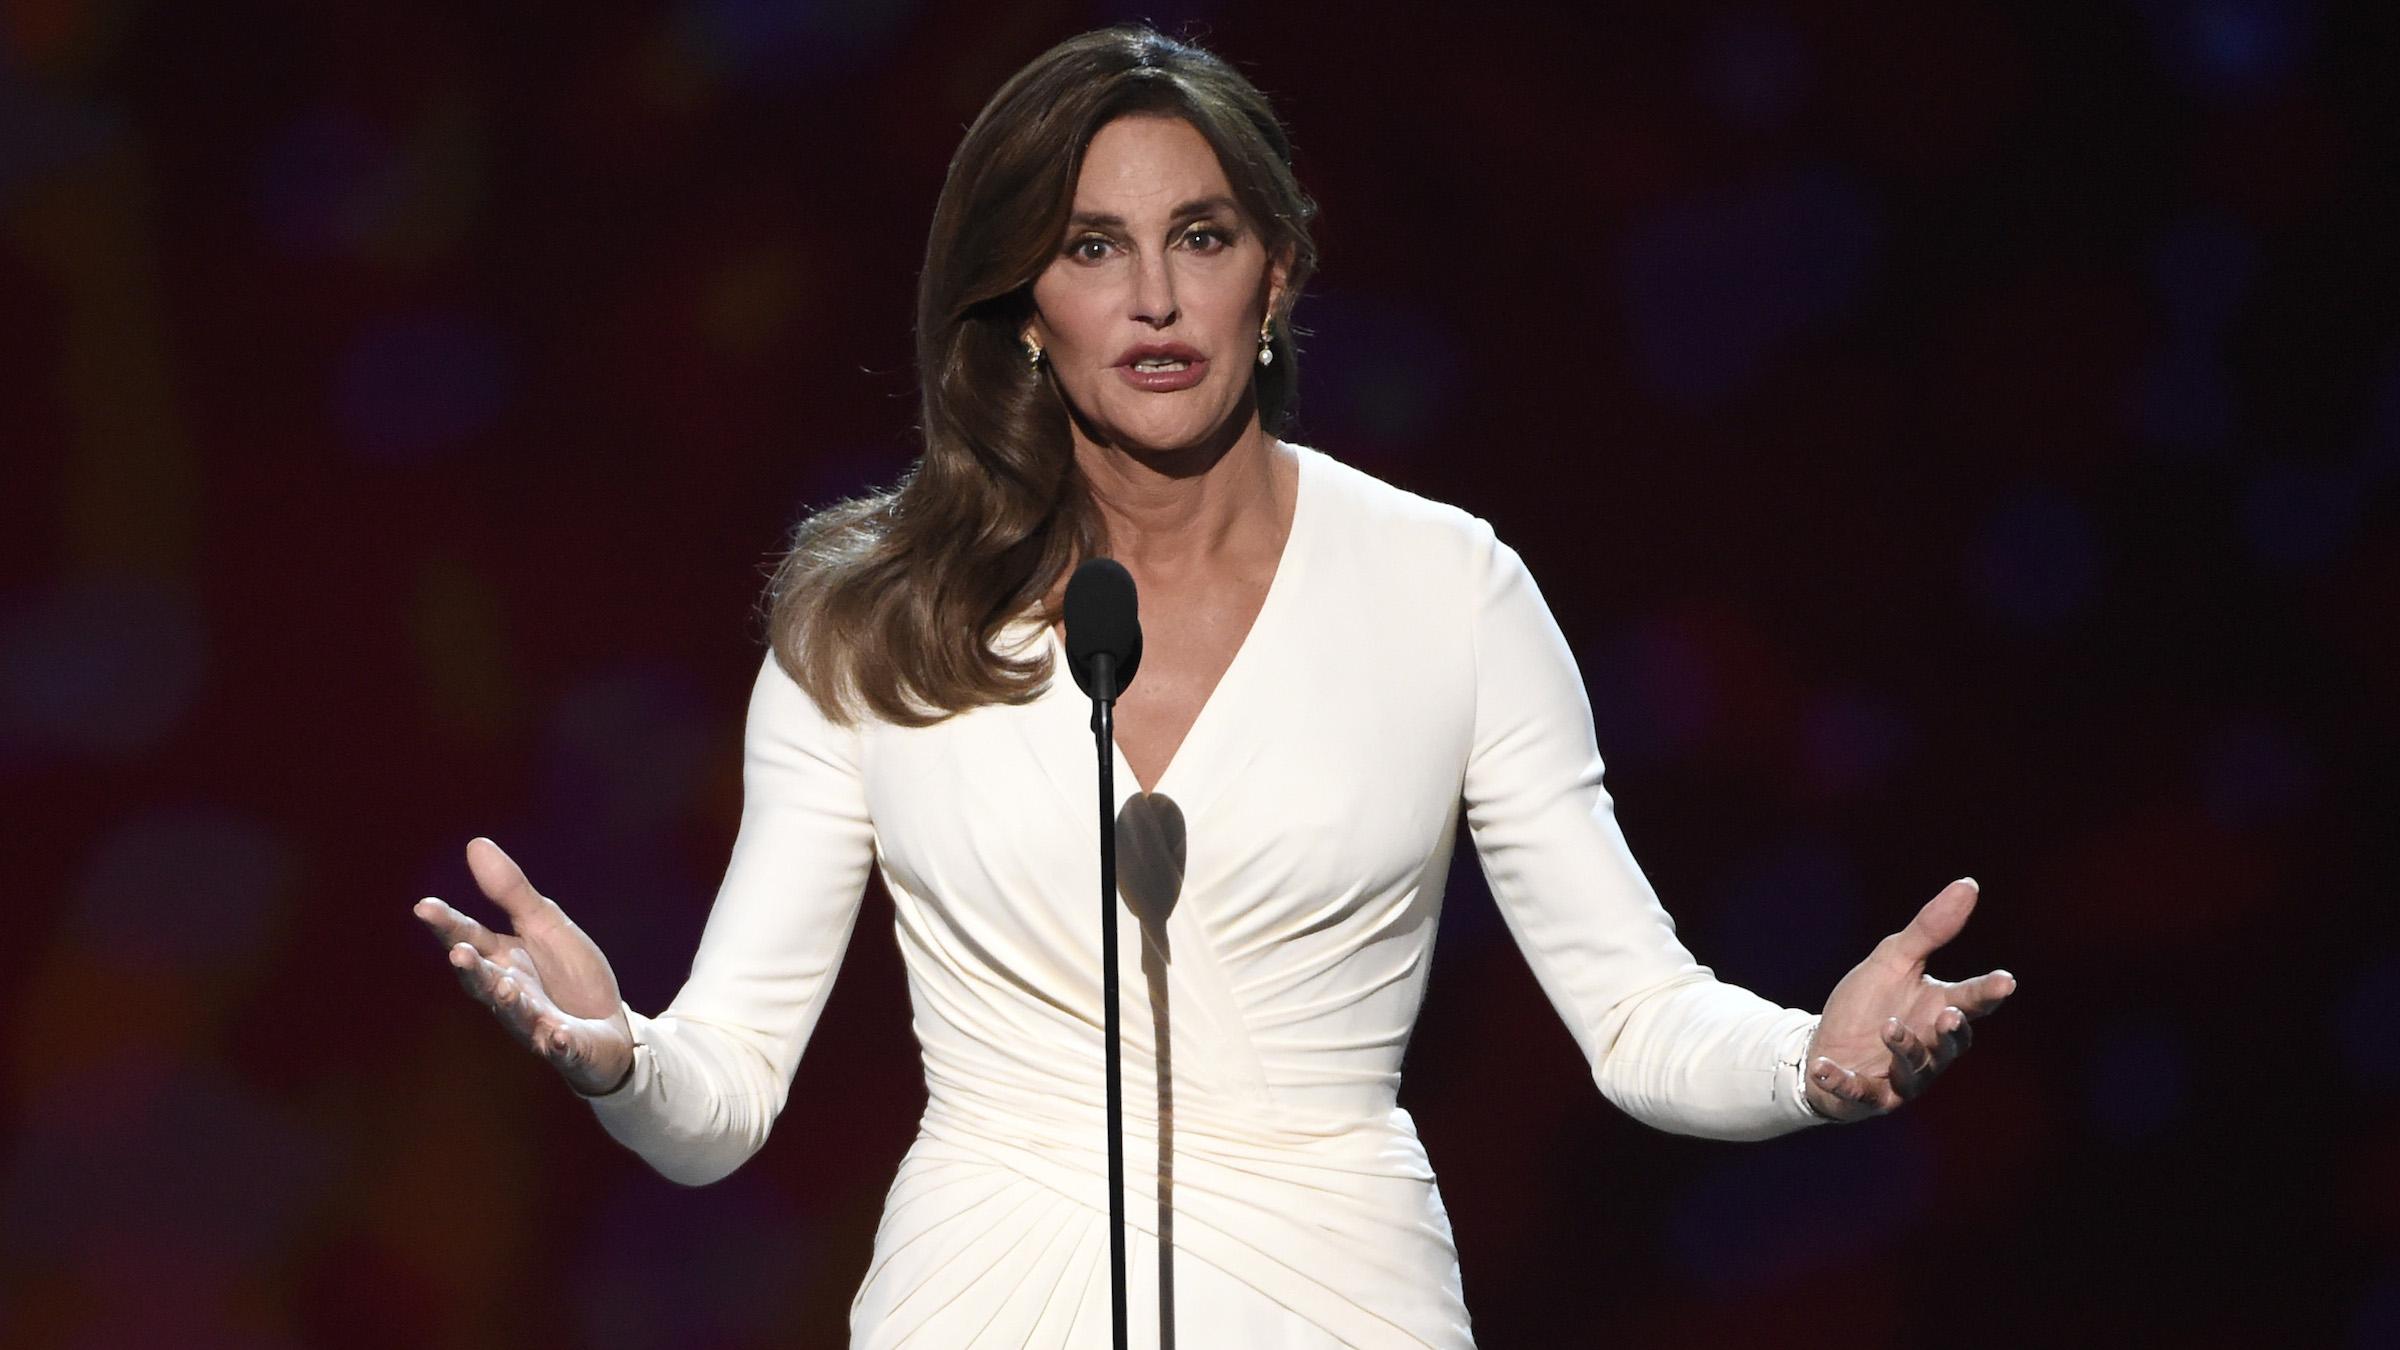 Caitlyn Jenner accepts the Arthur Ashe award